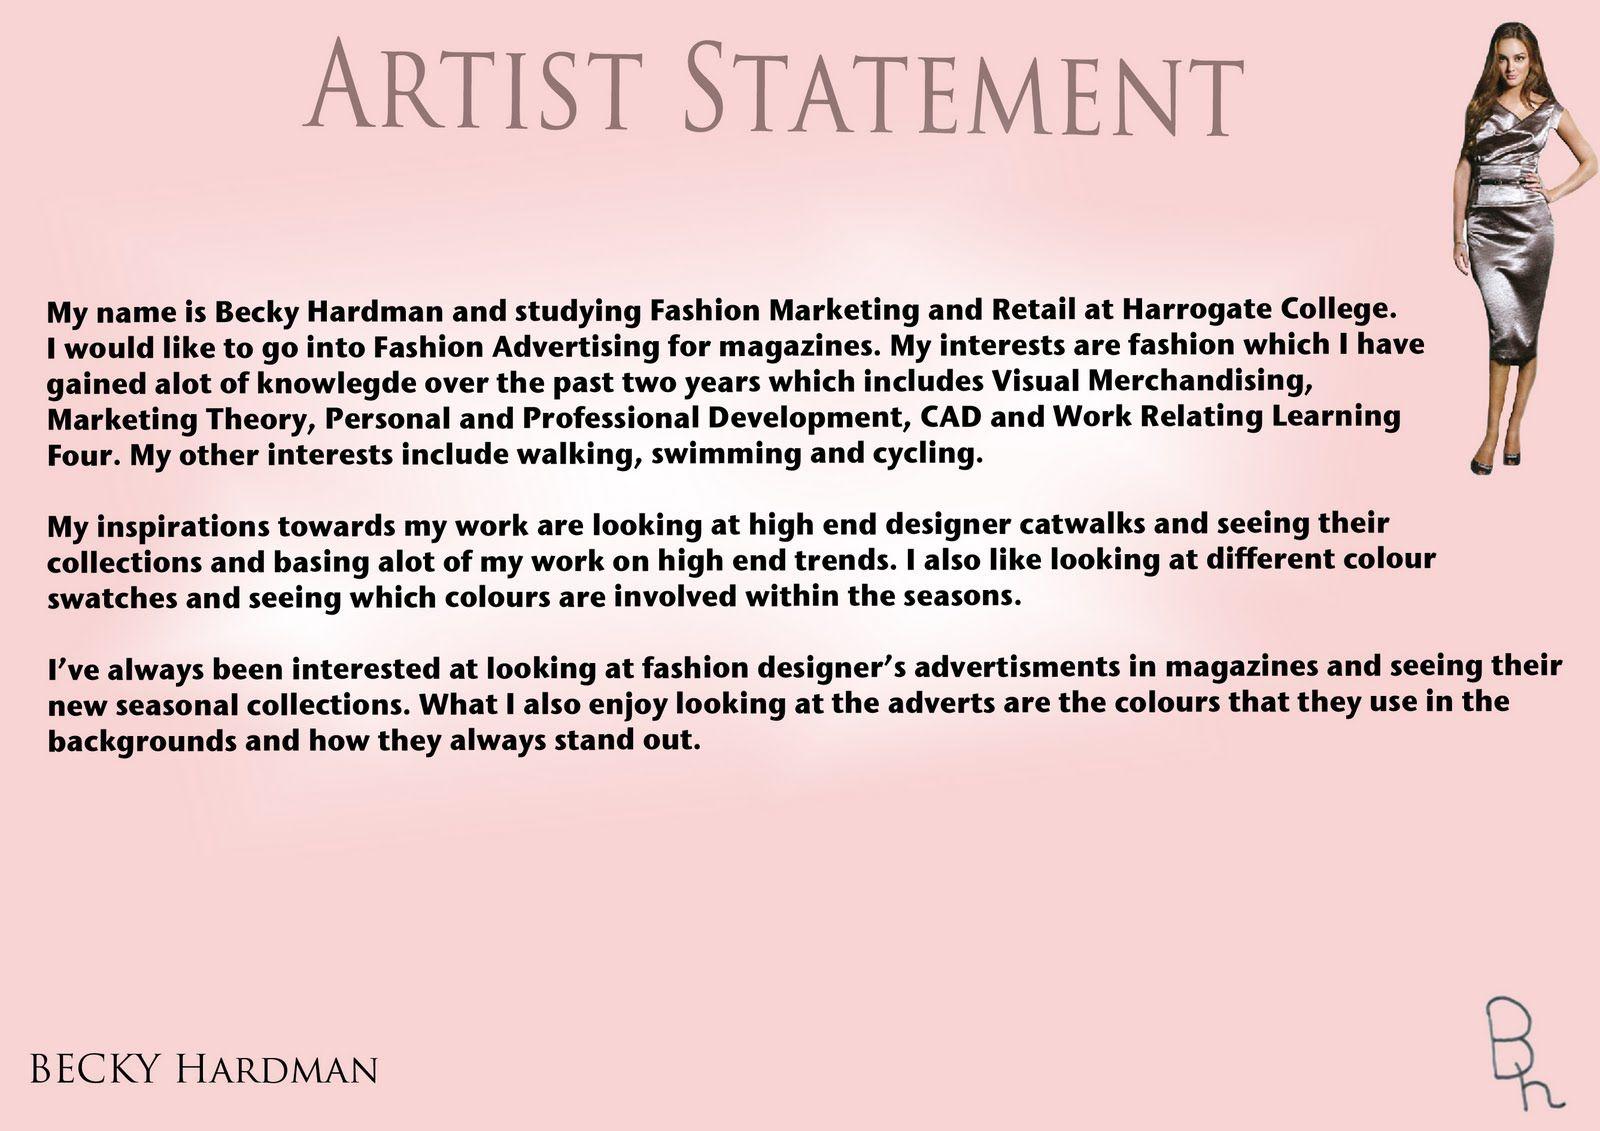 bad artist statements